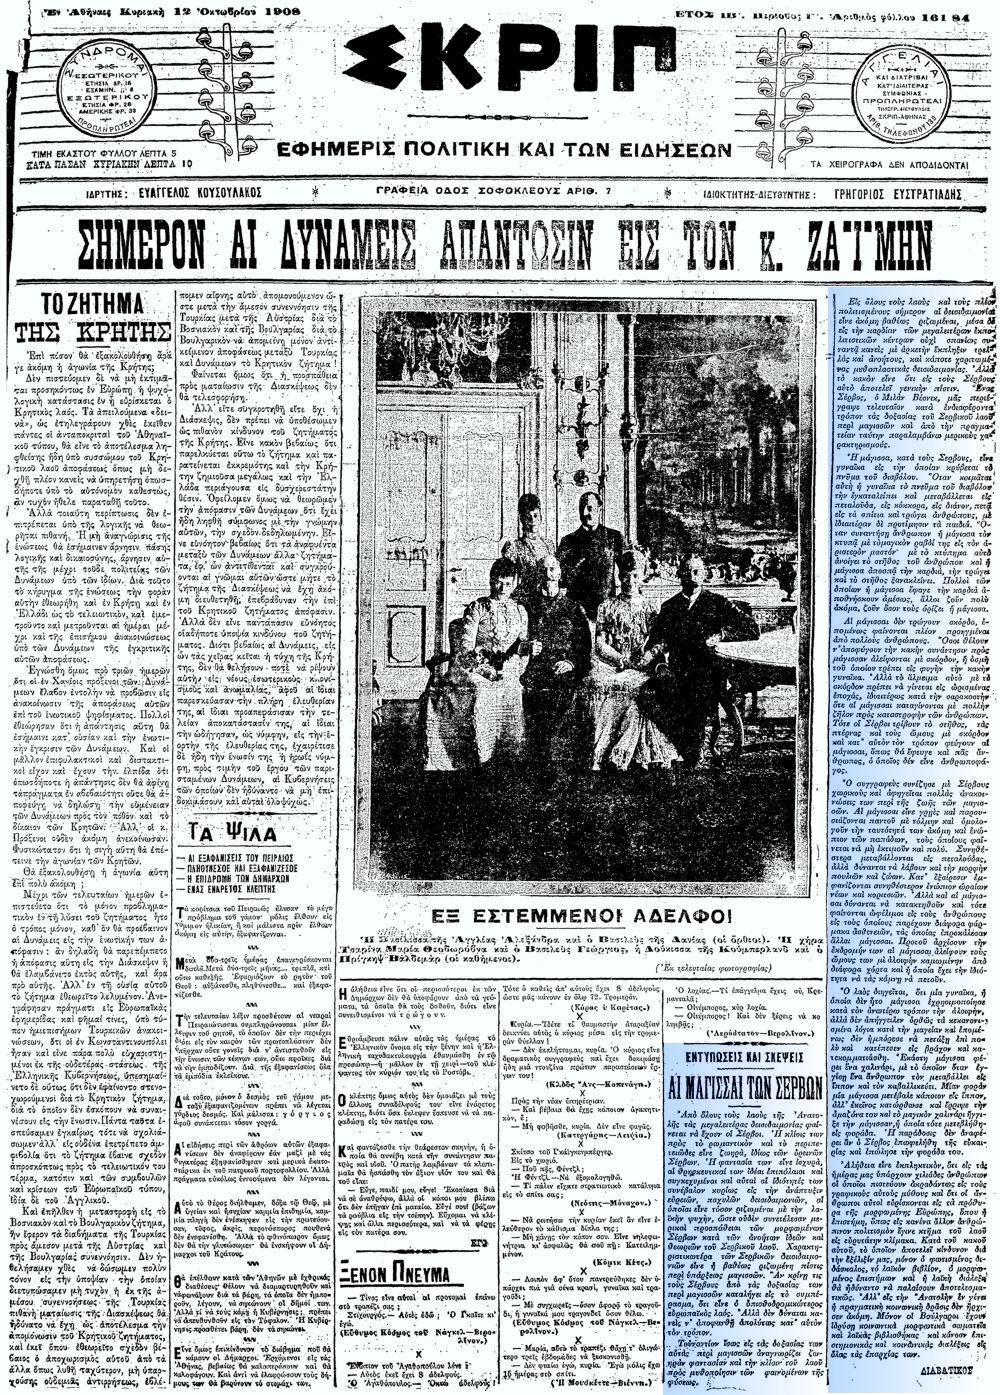 """Το άρθρο, όπως δημοσιεύθηκε στην εφημερίδα """"ΣΚΡΙΠ"""", στις 12/10/1908"""